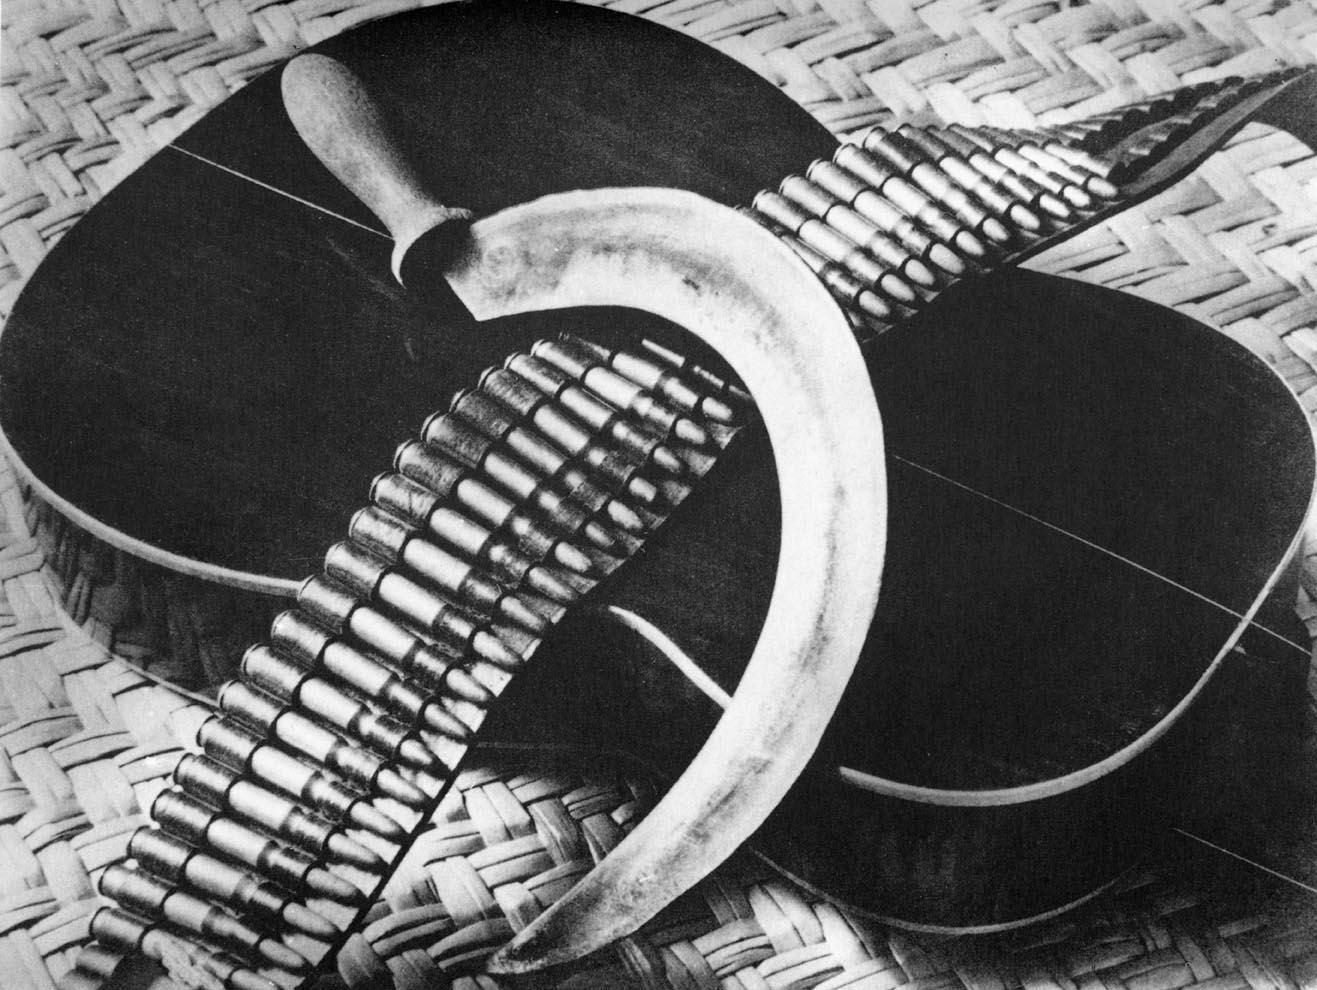 015_-tina-modotti-chitarra-falce-e-cartucciera-1927